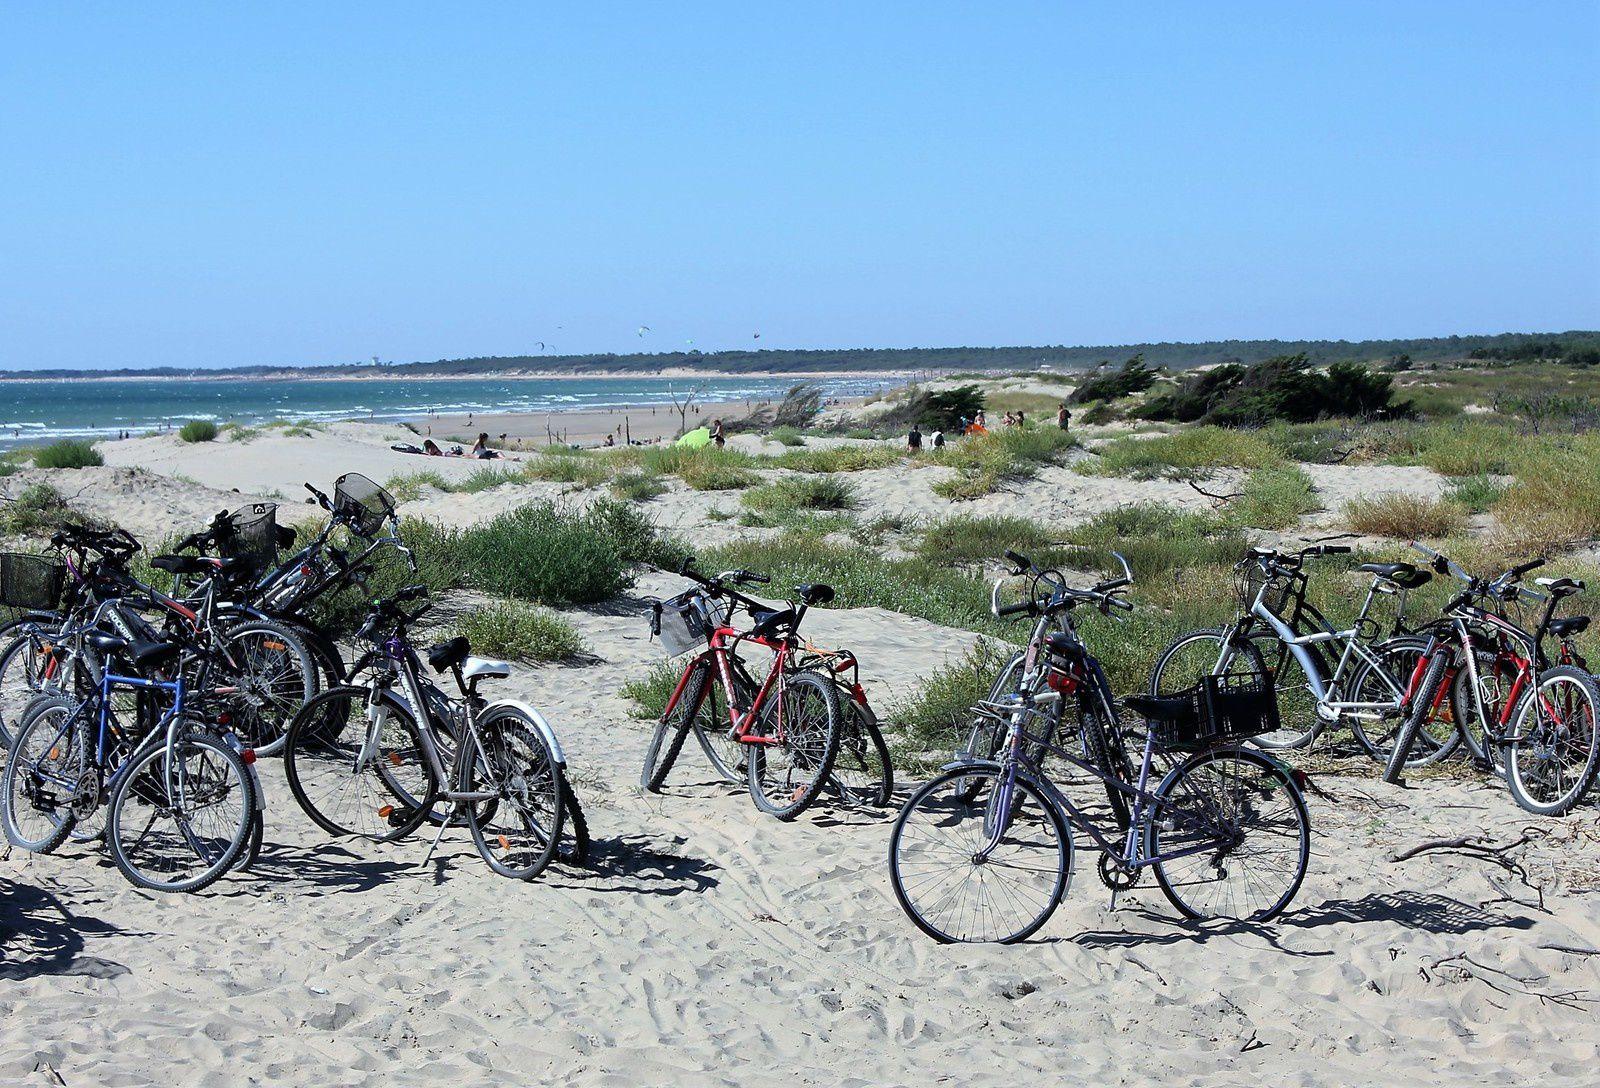 Grand-Village. Parking vélos. Oléron. La plage de la Giraudière. N'importe quoi! Coup de gueule.